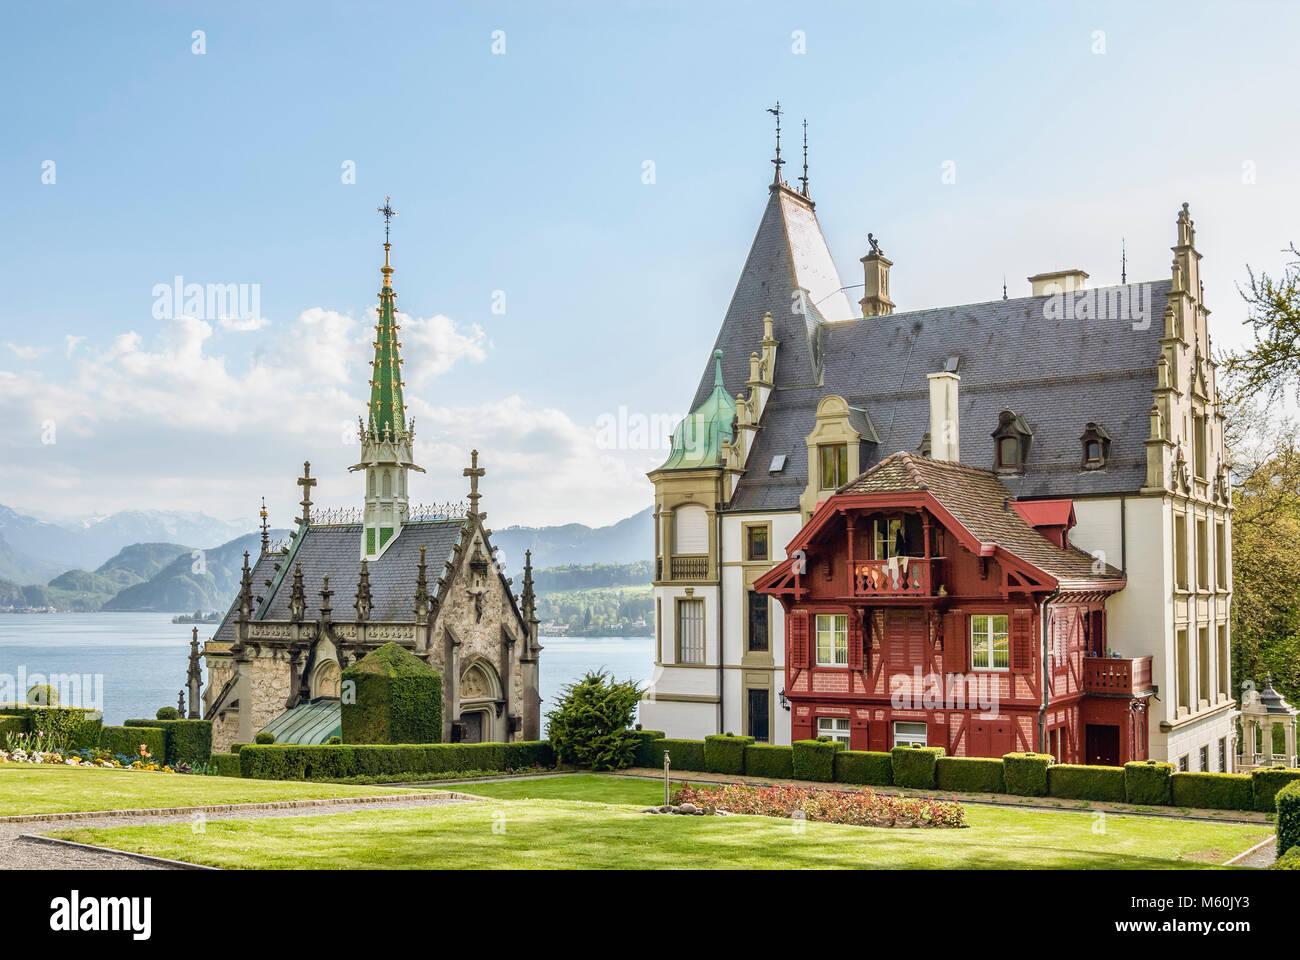 Schloss Meggenhorn am Vierwaldstättersee, Meggenhorn in der Nähe von Luzern, Schweiz | Schloss Meggenhorn Stockbild